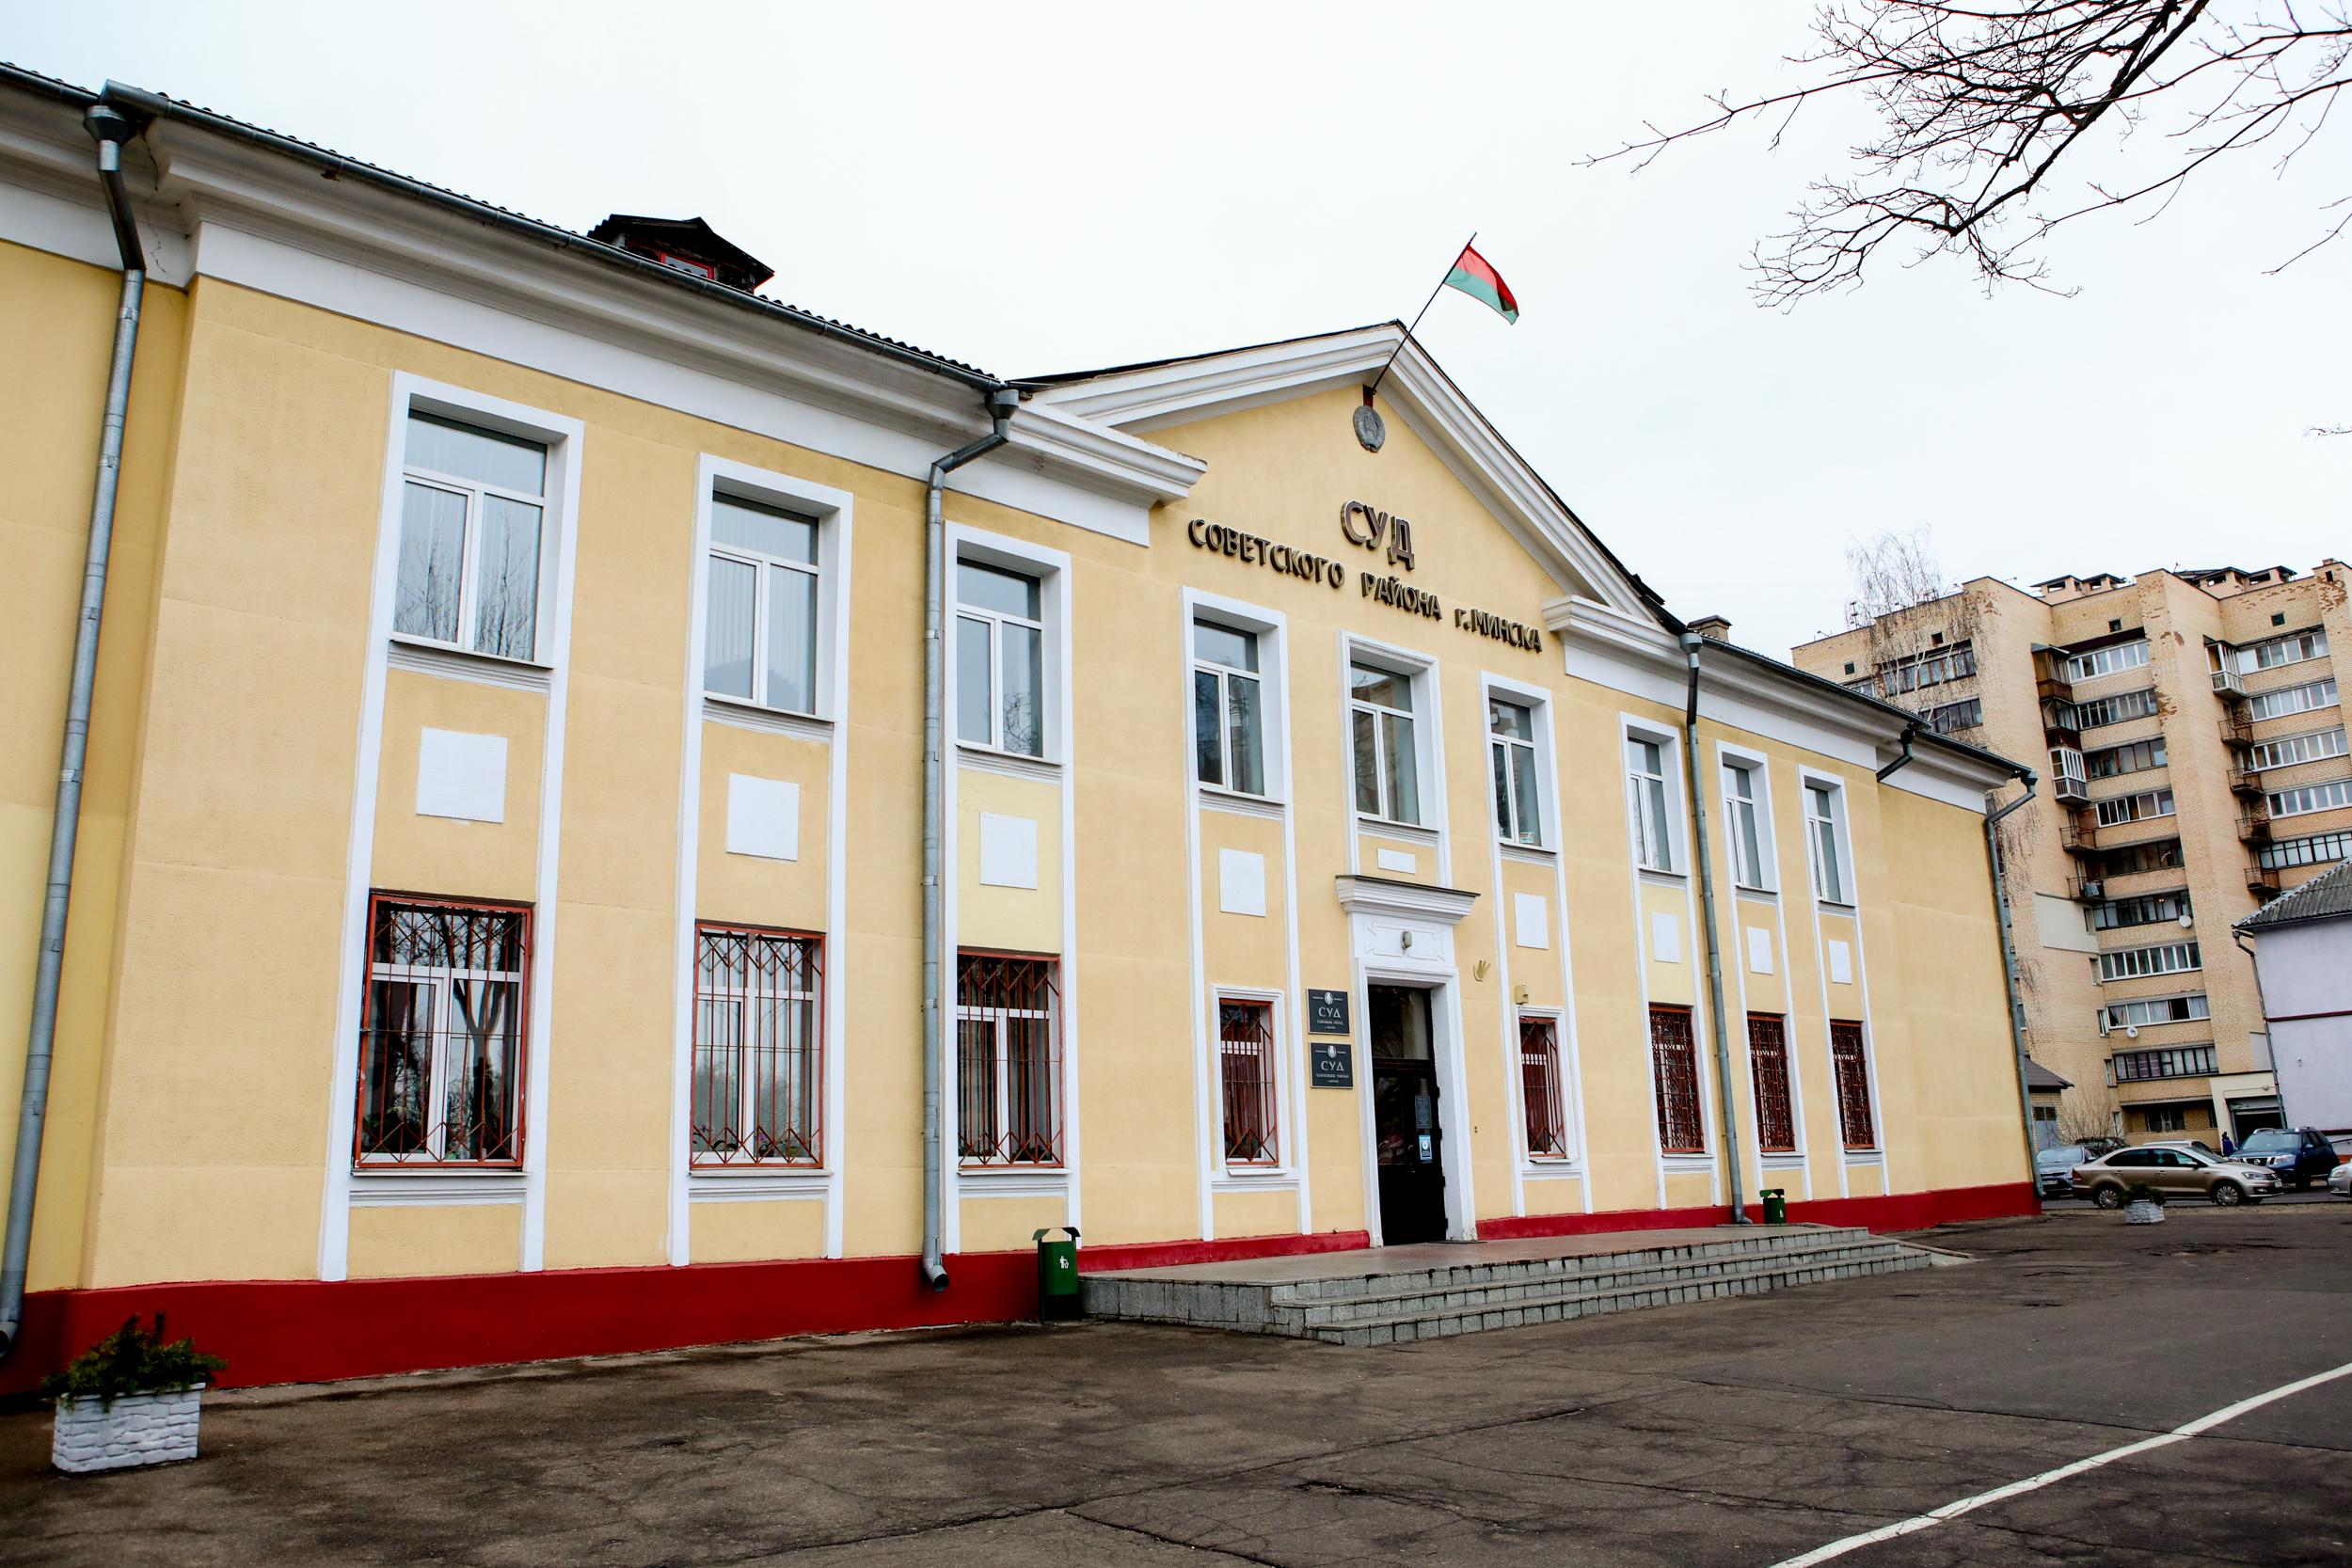 Які працэнт скаргаў на катаваньні даходзіць у Беларусі да суду?